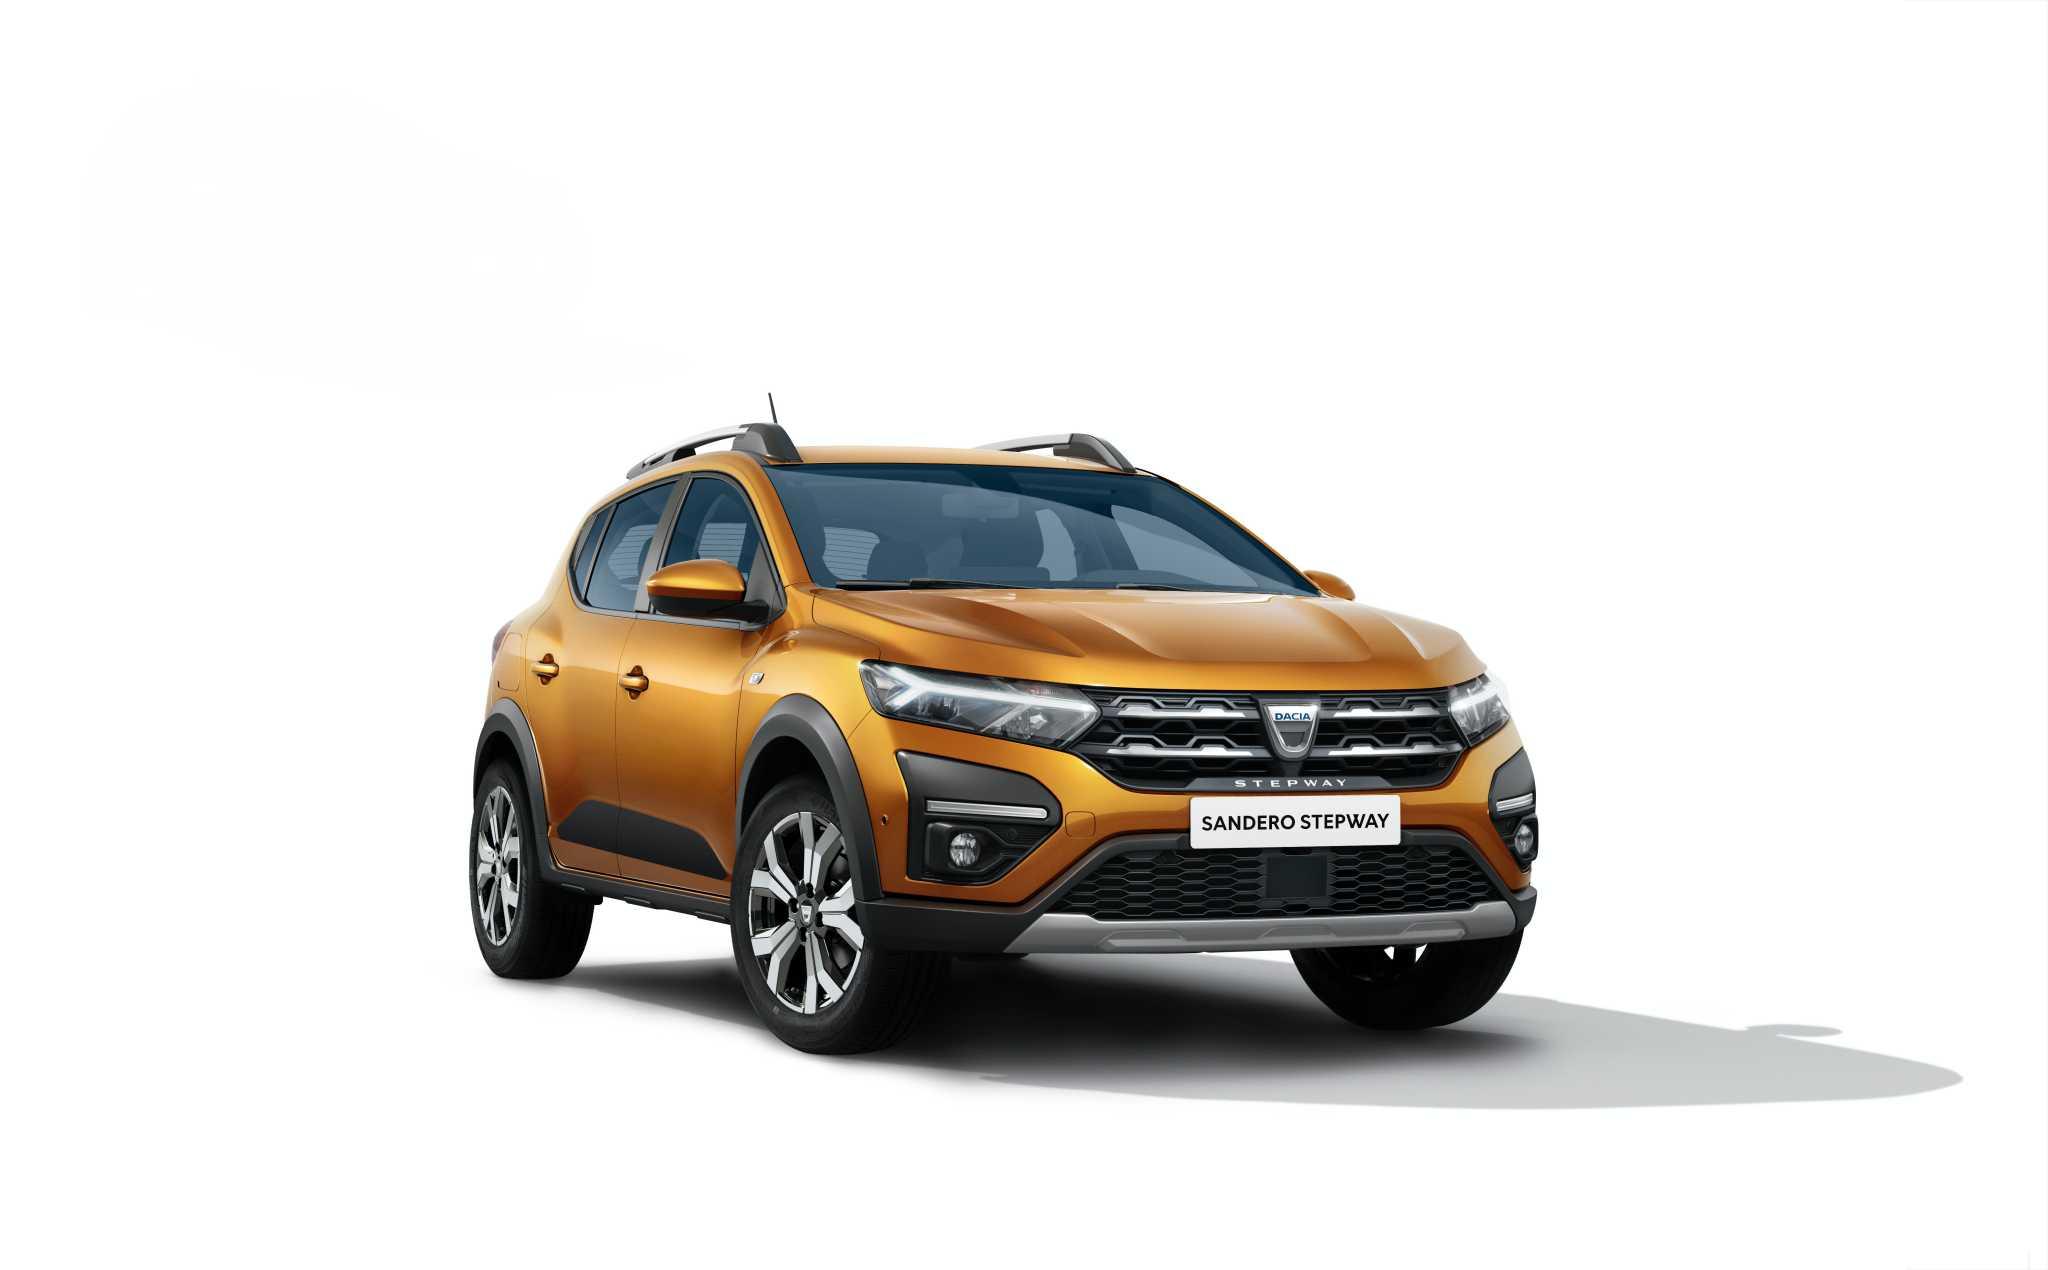 Cât costă noua generație Dacia Sandero Stepway